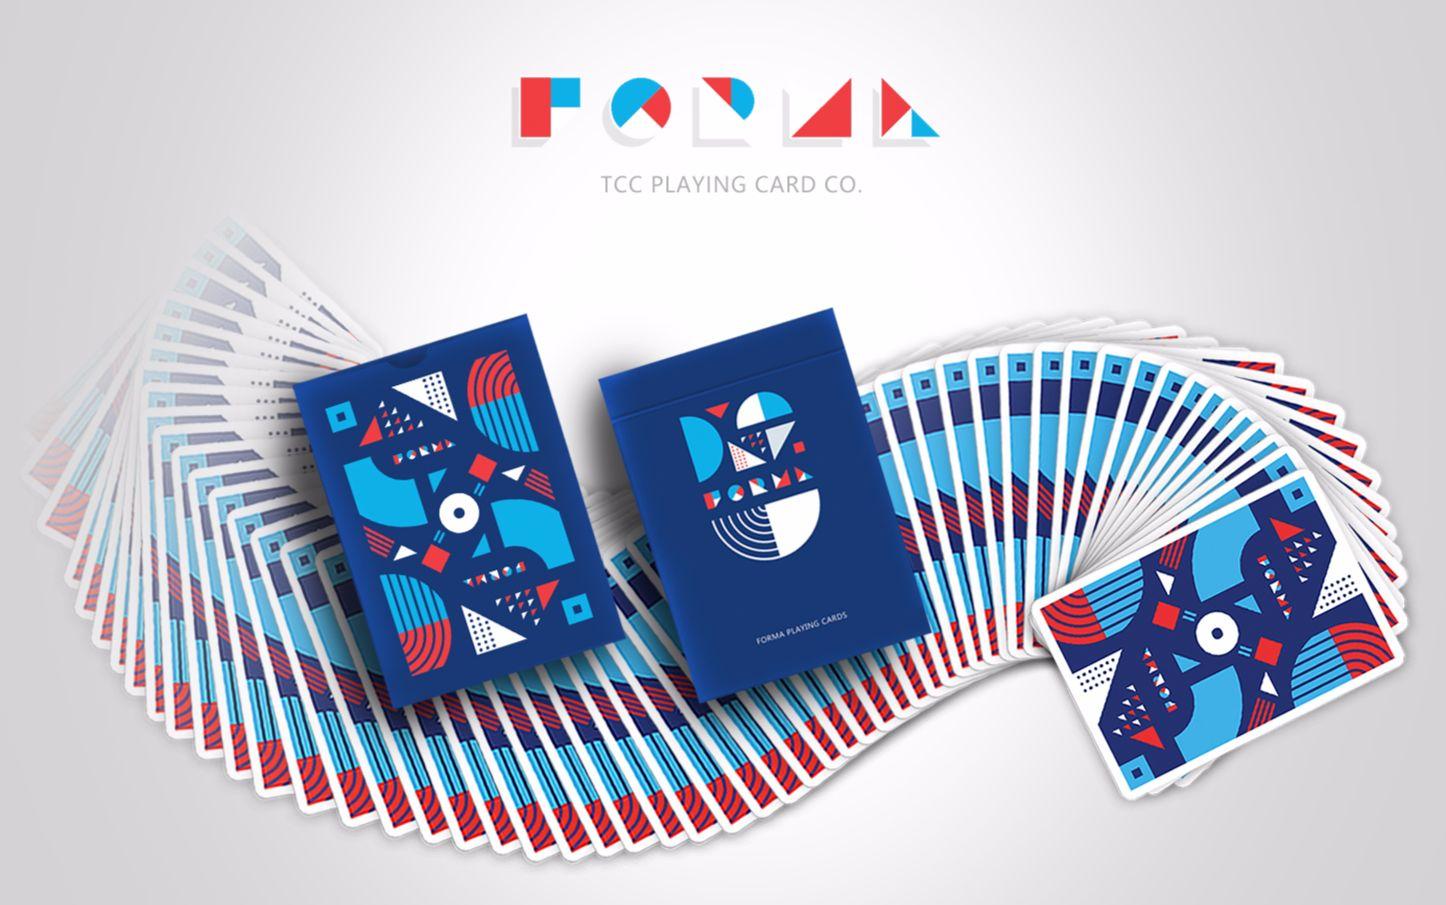 资讯_【forma花切扑克】 tcc出品 - 纸牌资讯公众号